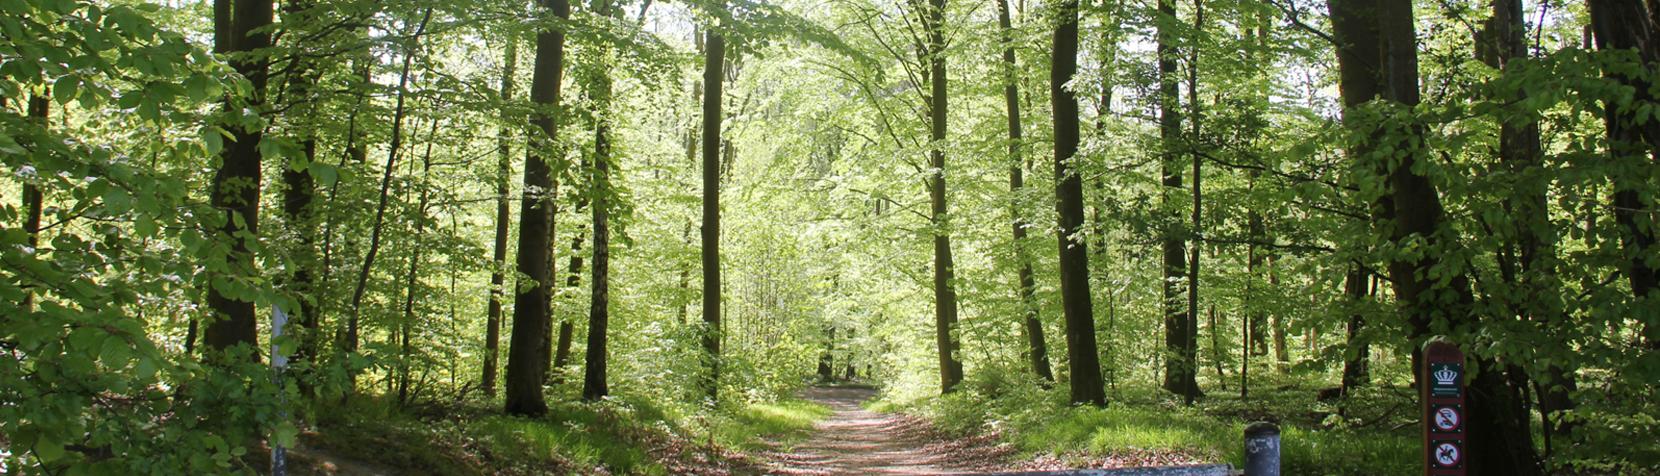 Skov der er sprunget ud